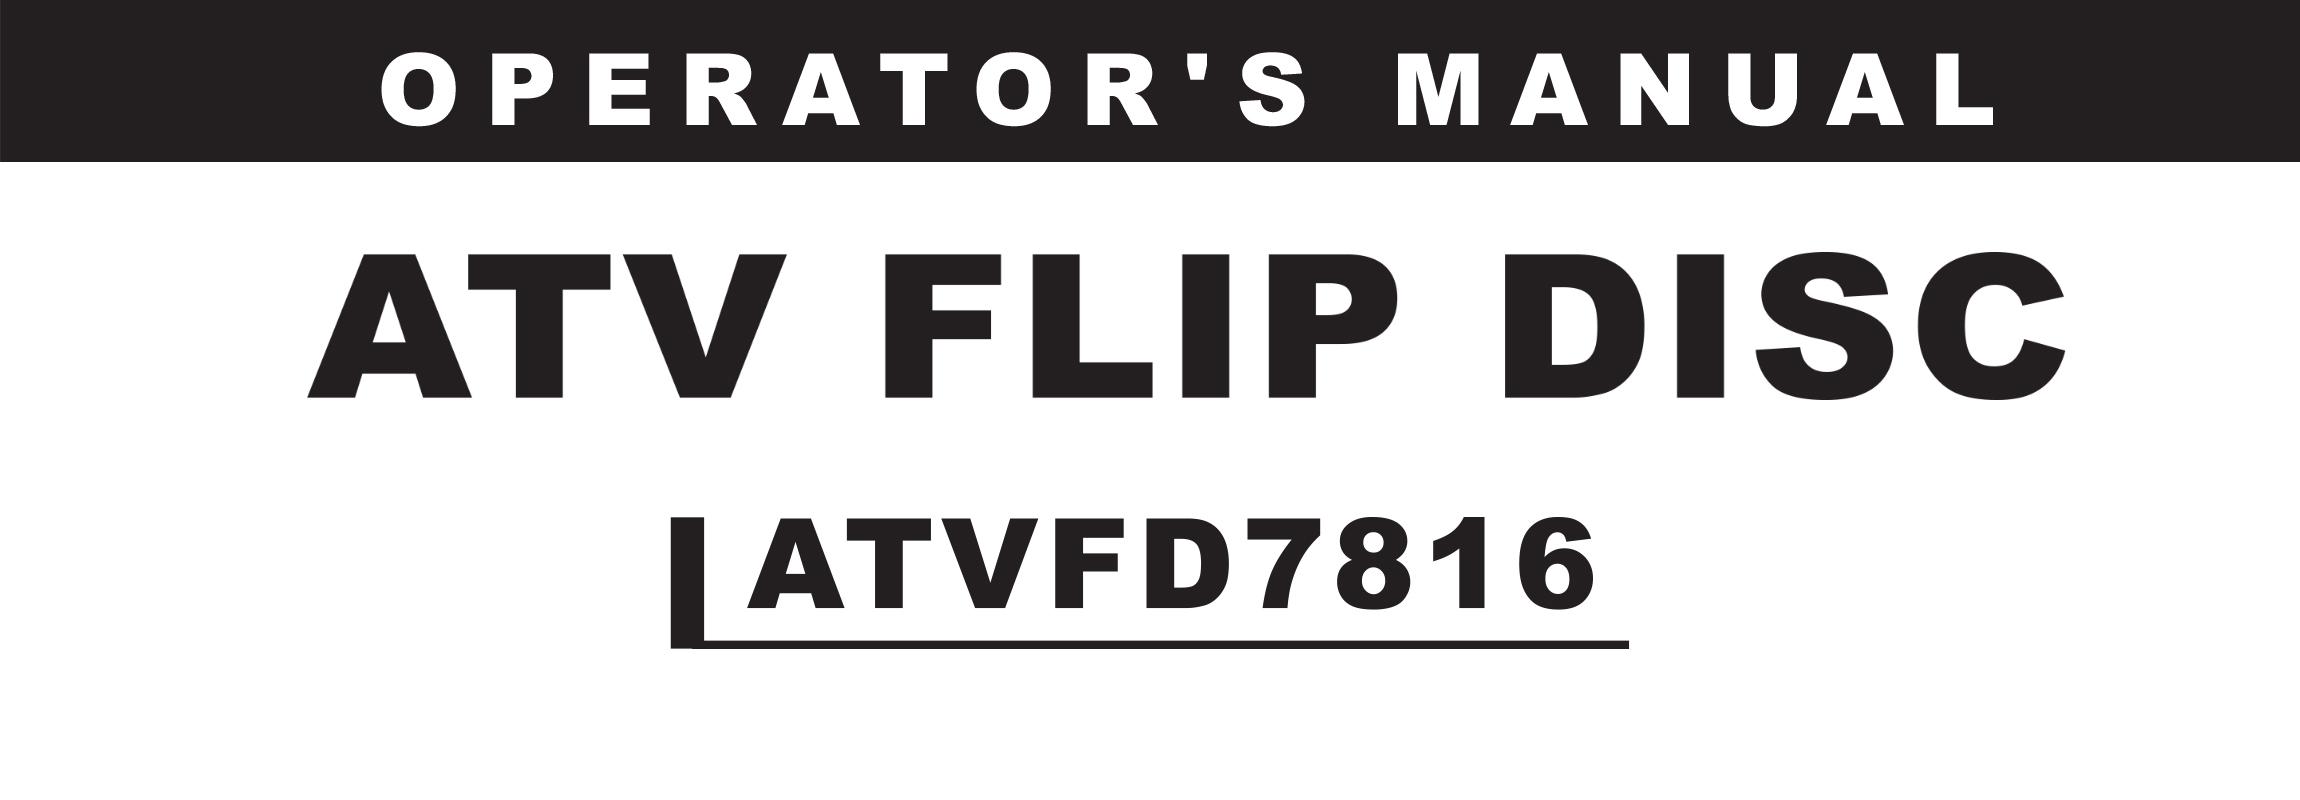 ATV FLIP DISC Owners Manual